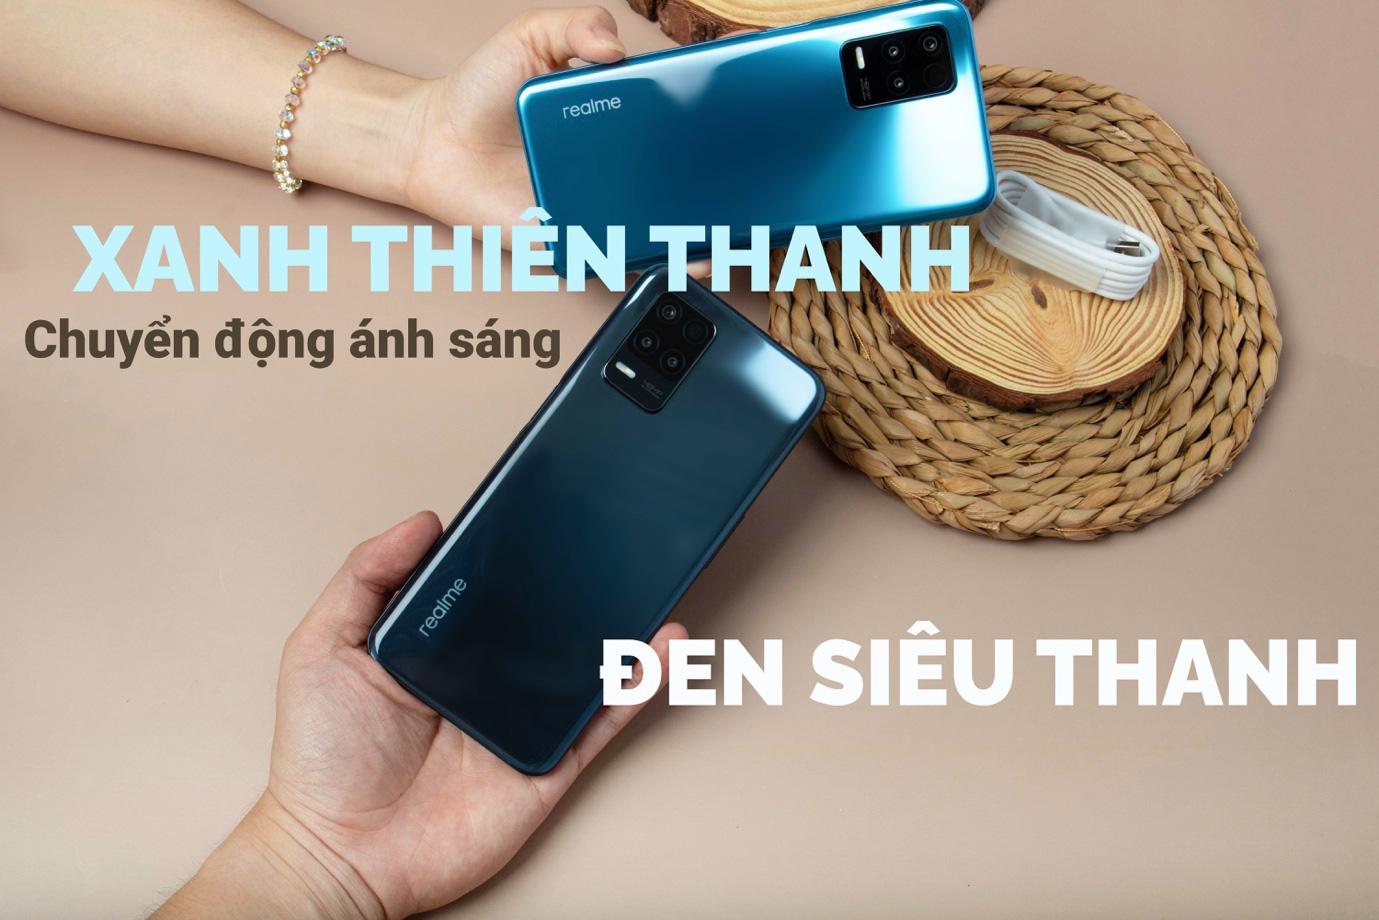 Trên tay chiếc điện thoại 5G hot nhất của realme: Xem phim cả ngày, cày game lướt web siêu nhanh, siêu khỏe! - ảnh 4